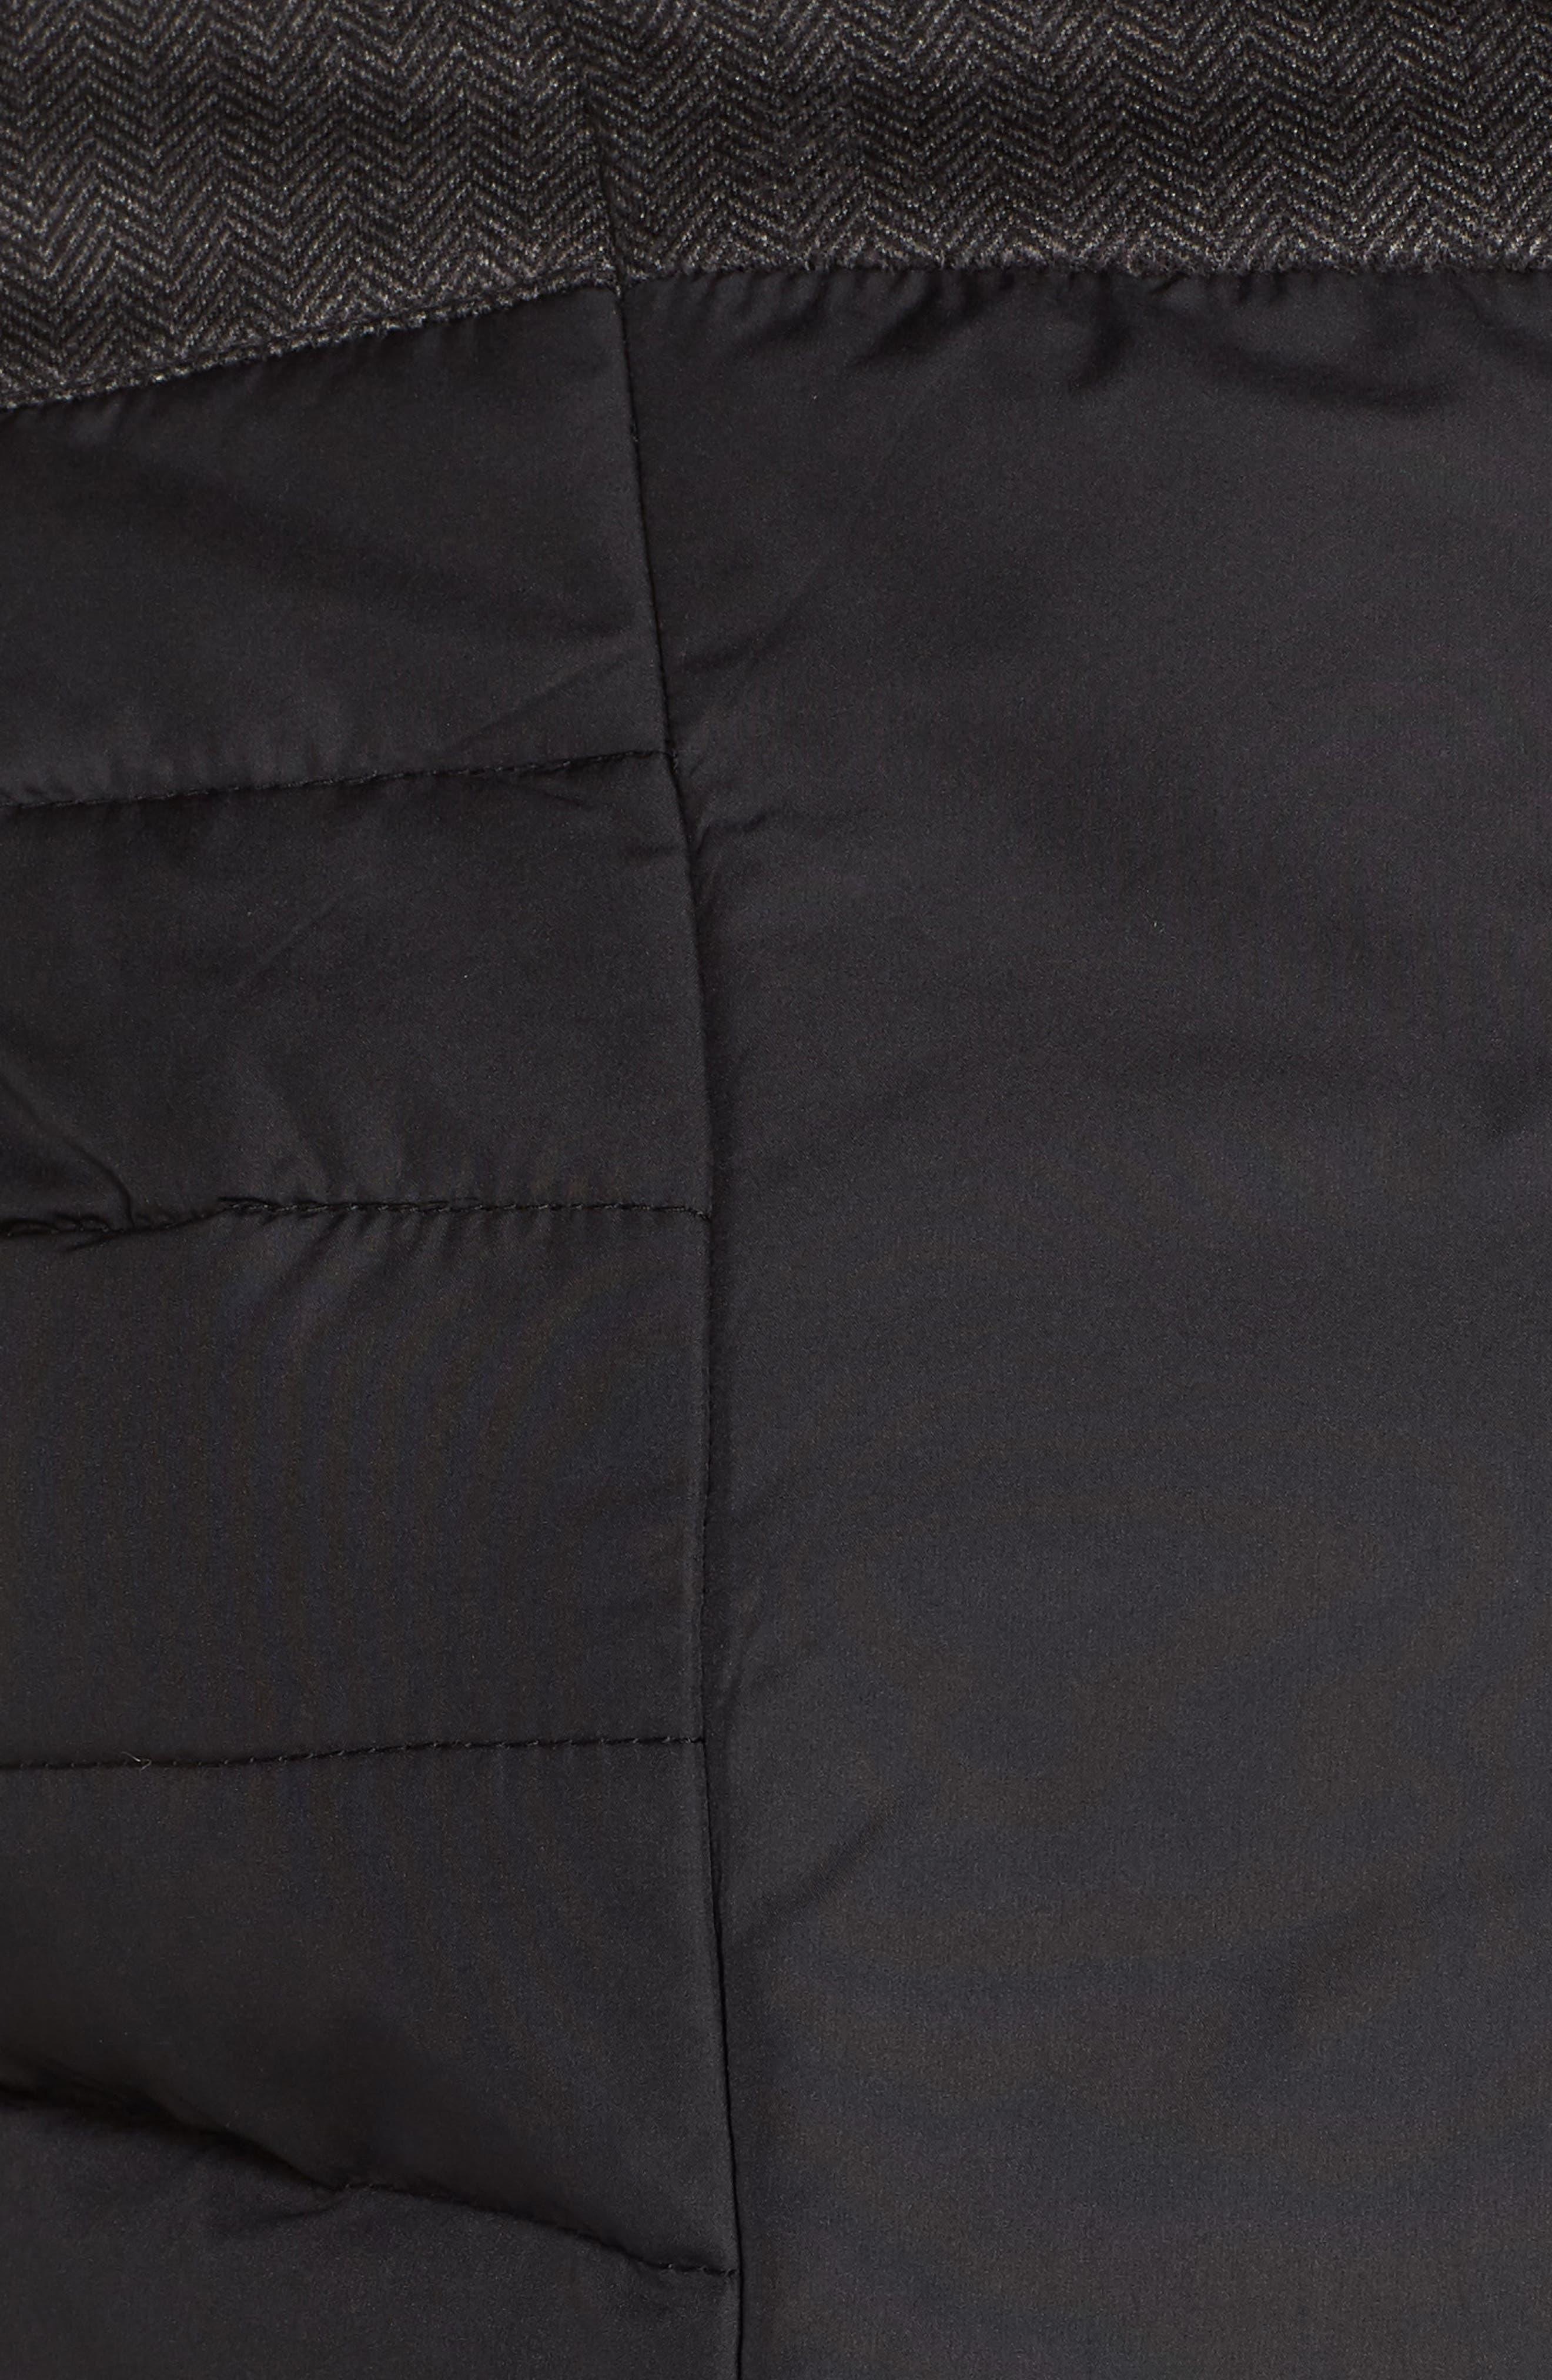 HellyHansen 'Astra' Jacket,                             Alternate thumbnail 7, color,                             001